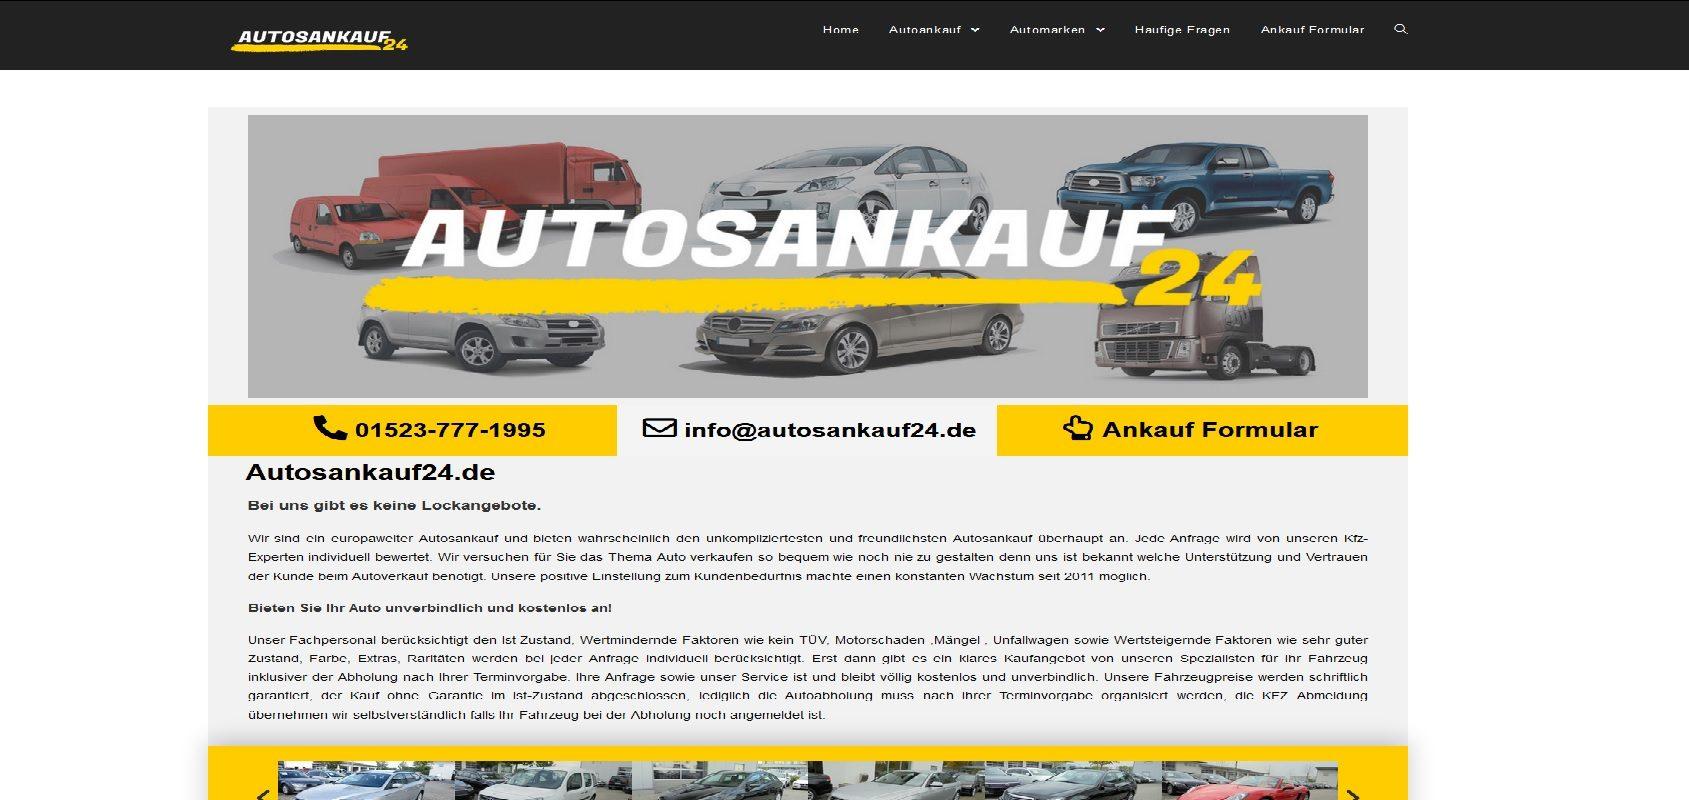 autosankauf24.de Autoankauf PKW Ankauf